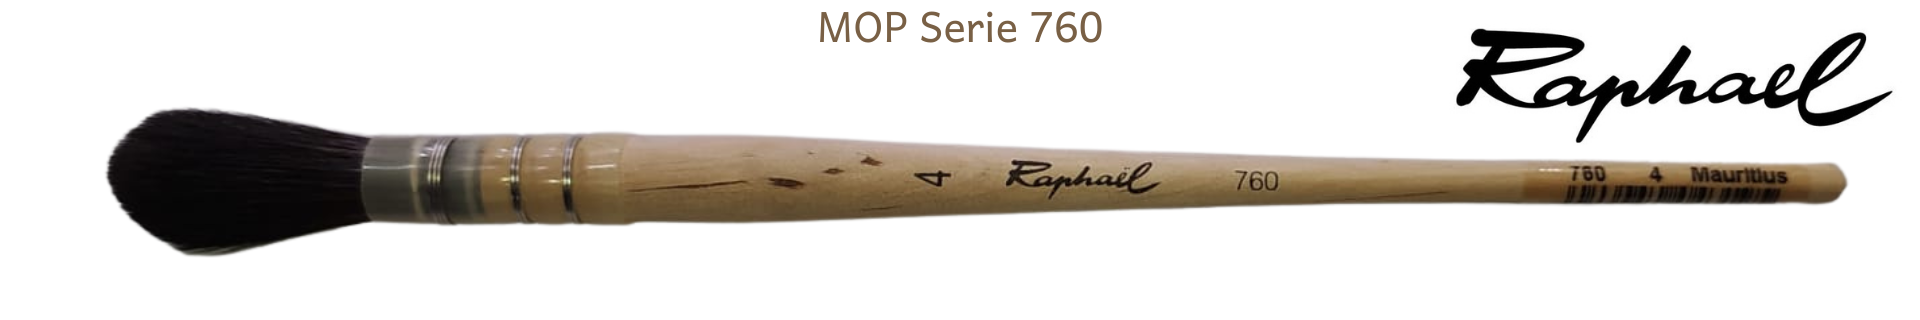 Raphael MOP 760